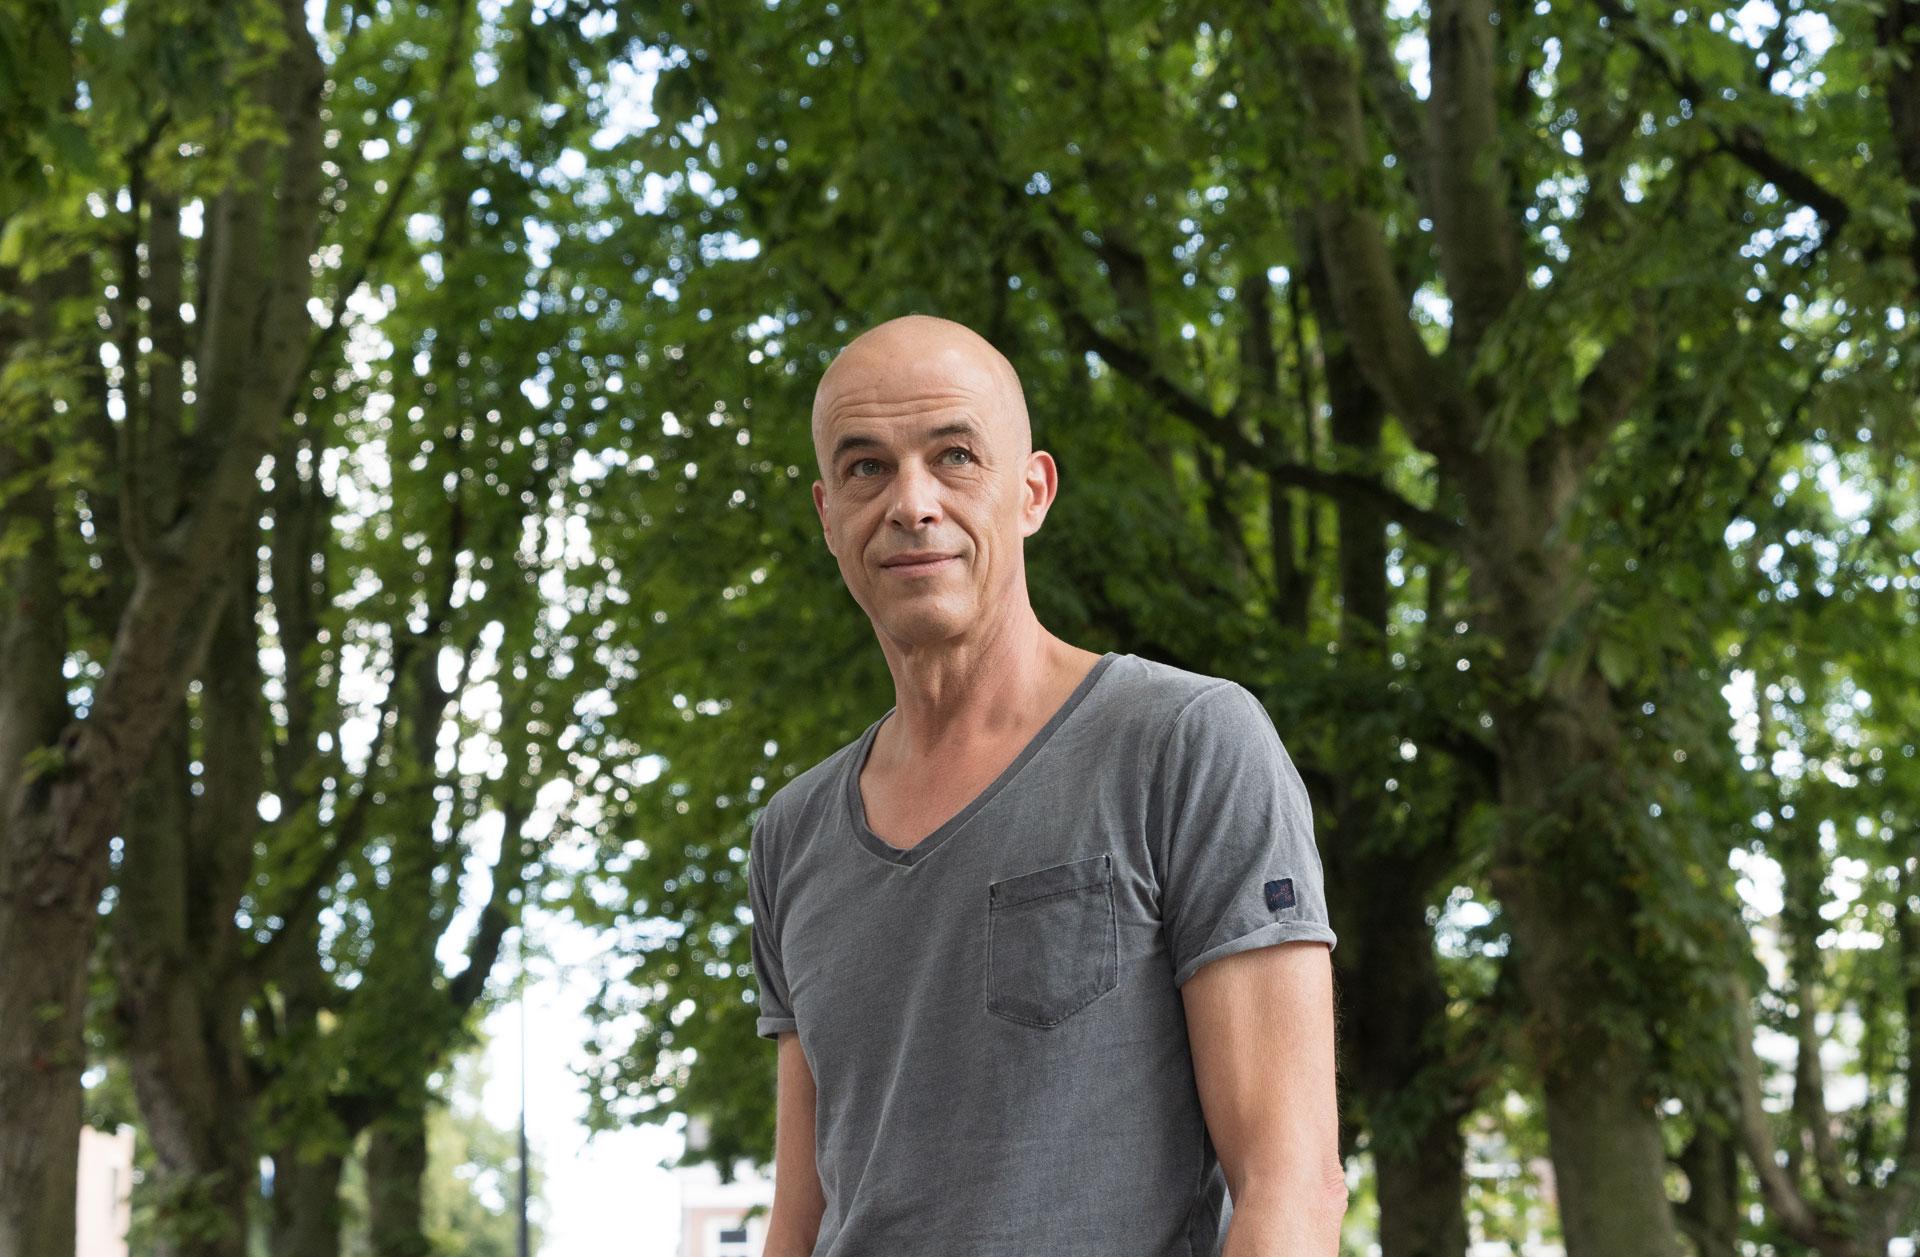 Erik Hanegraaf